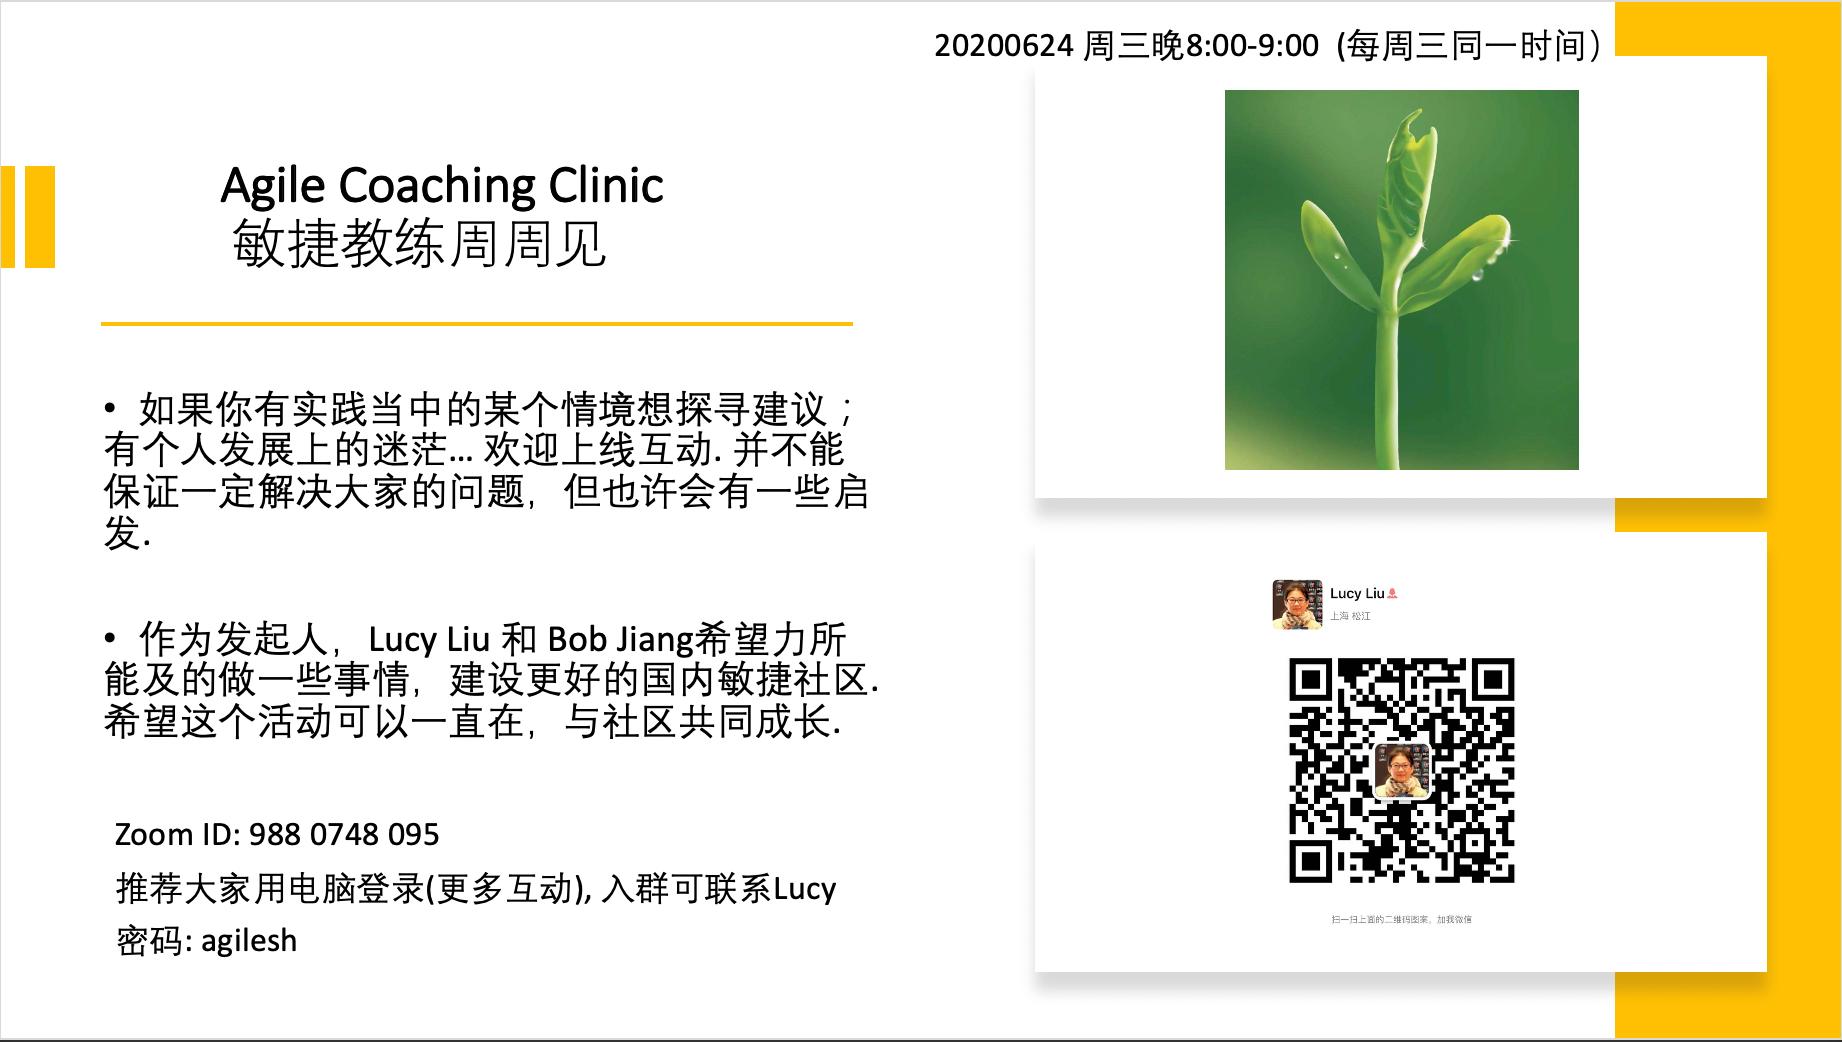 Coach-clinic-20200624